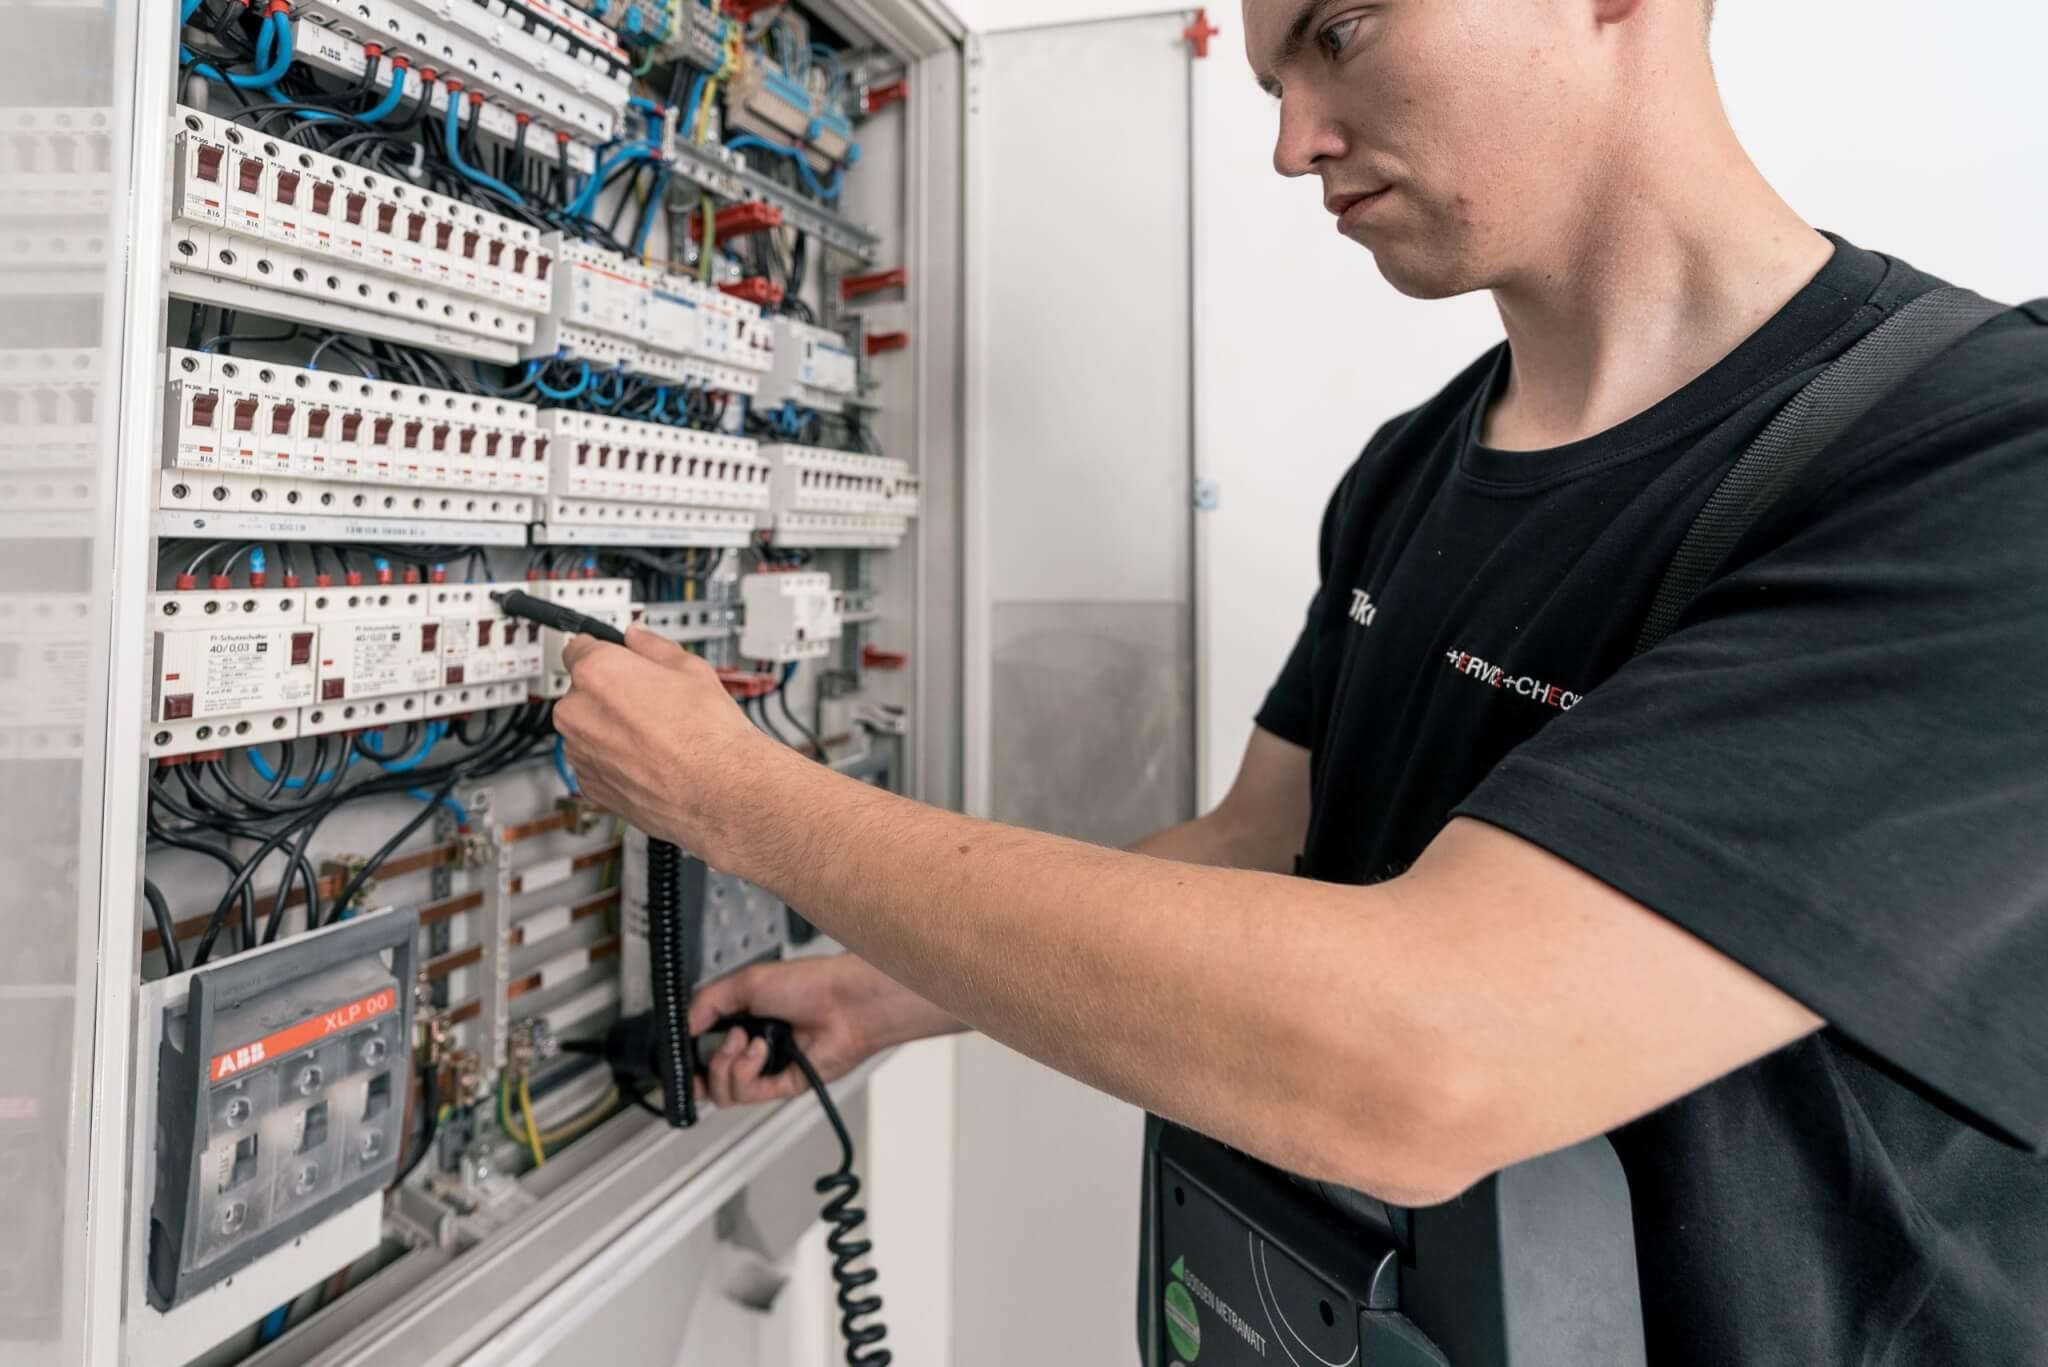 Anlagenprüfung nach DIN VDE 0105-100